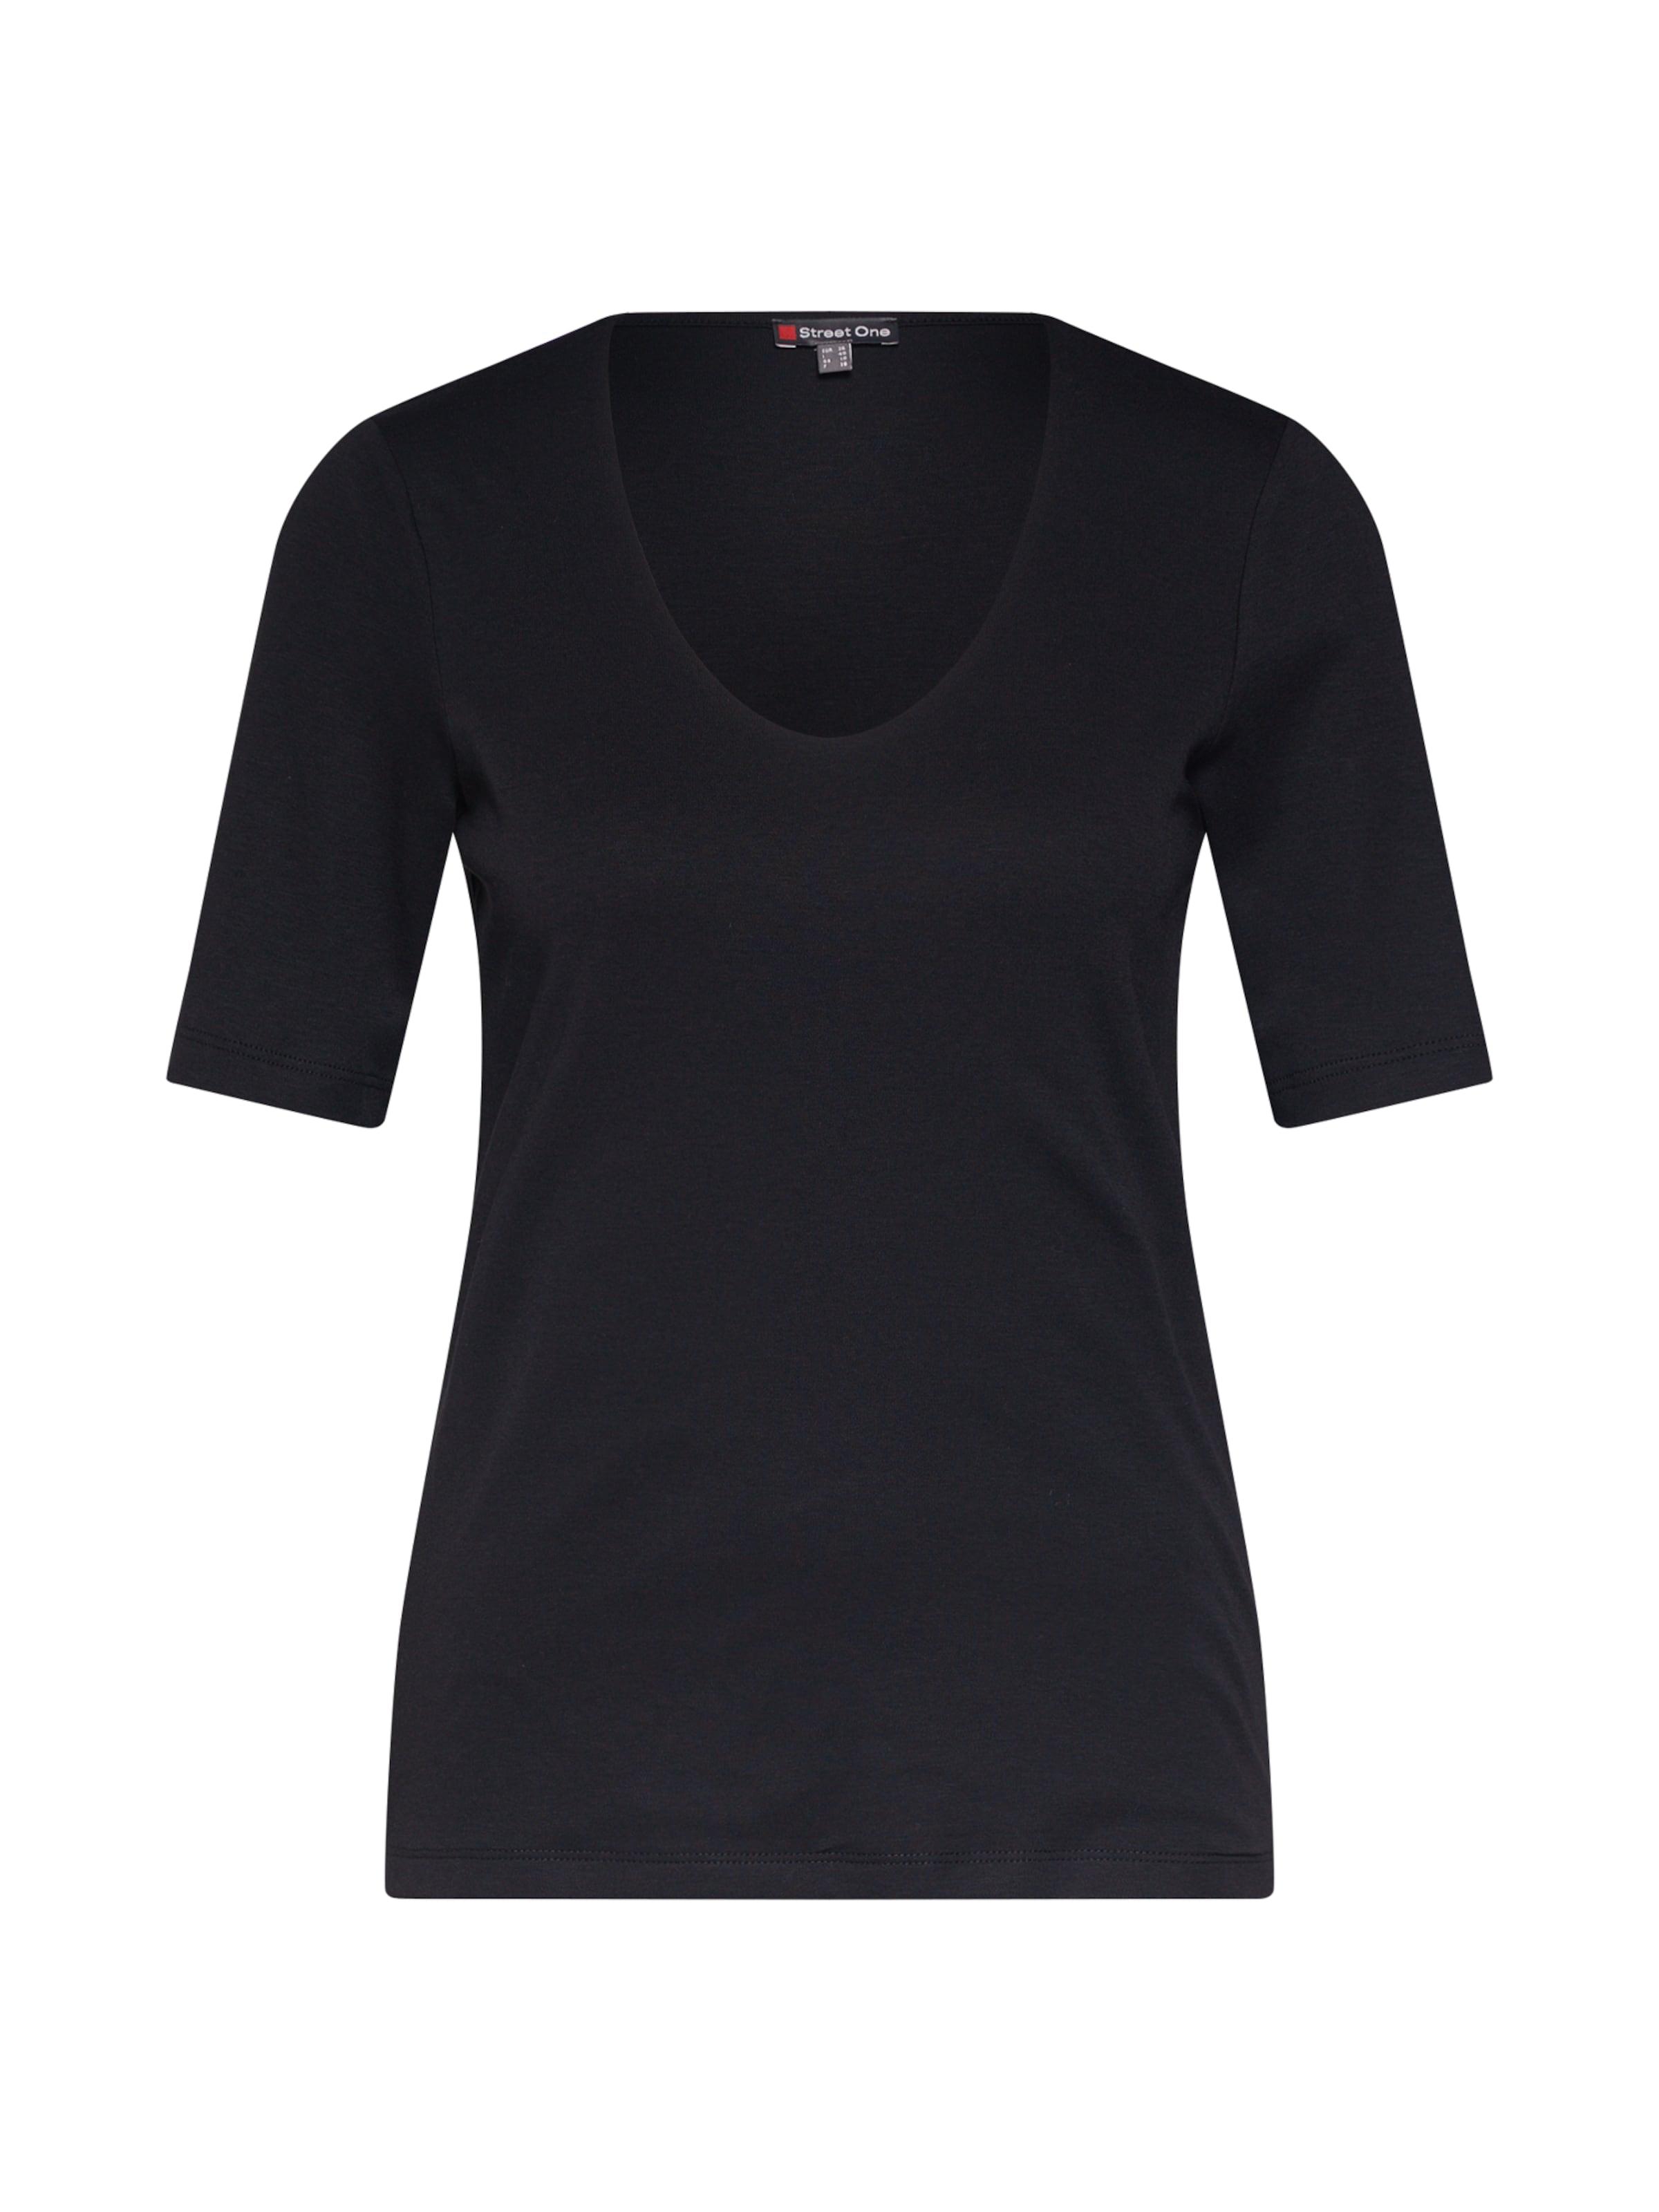 'qr Shirt One Palmira' Schwarz Street In VSGUzMqpL